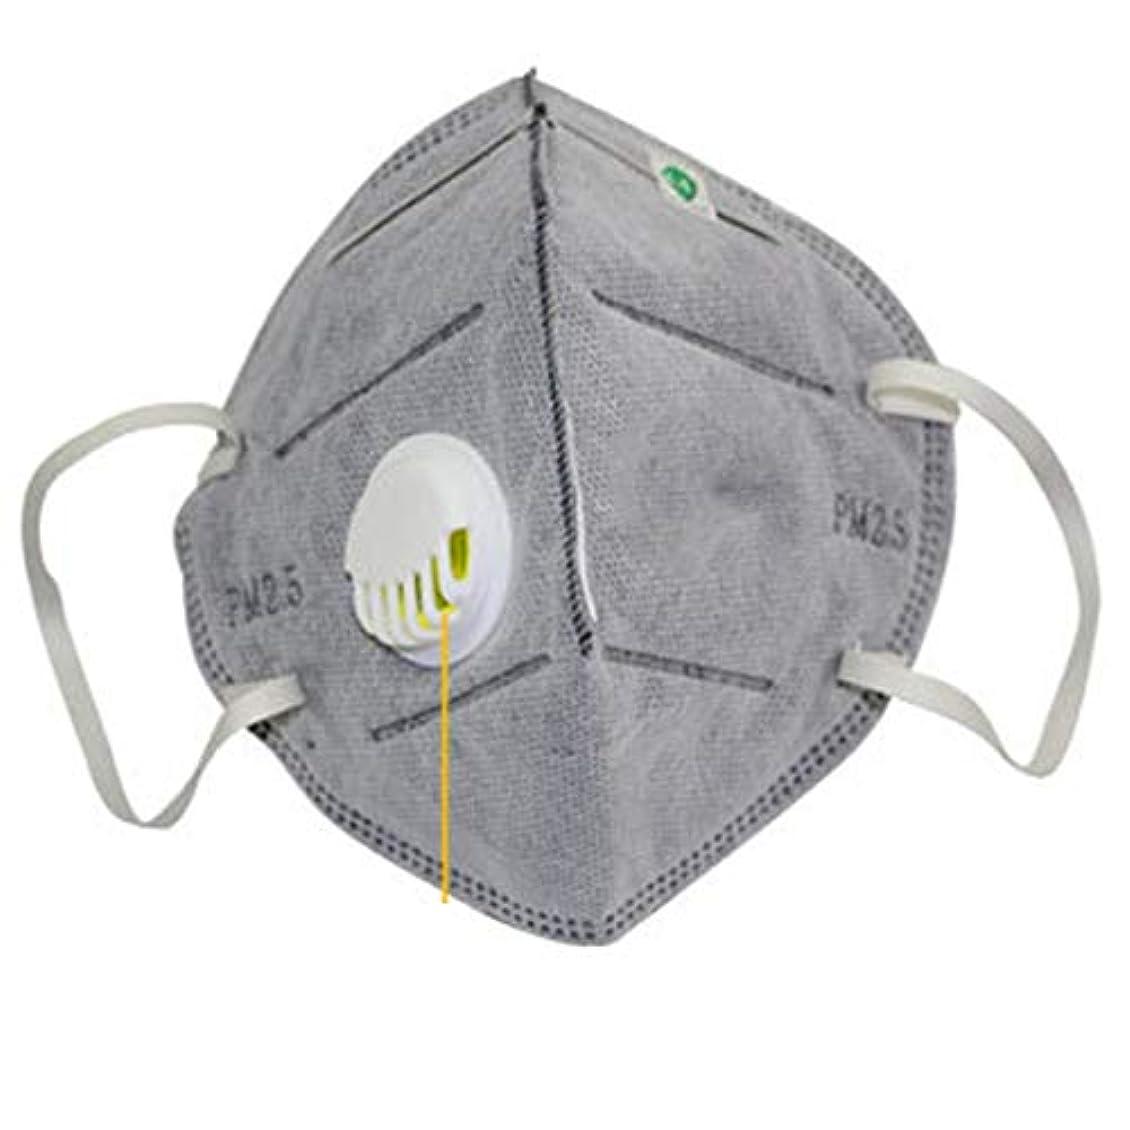 いたずら不十分引退した男性と女性の健康と美容のパーソナルケア製品用の活性炭PM2.5防曇とヘイズ保護マスク (Panda) (色:白)